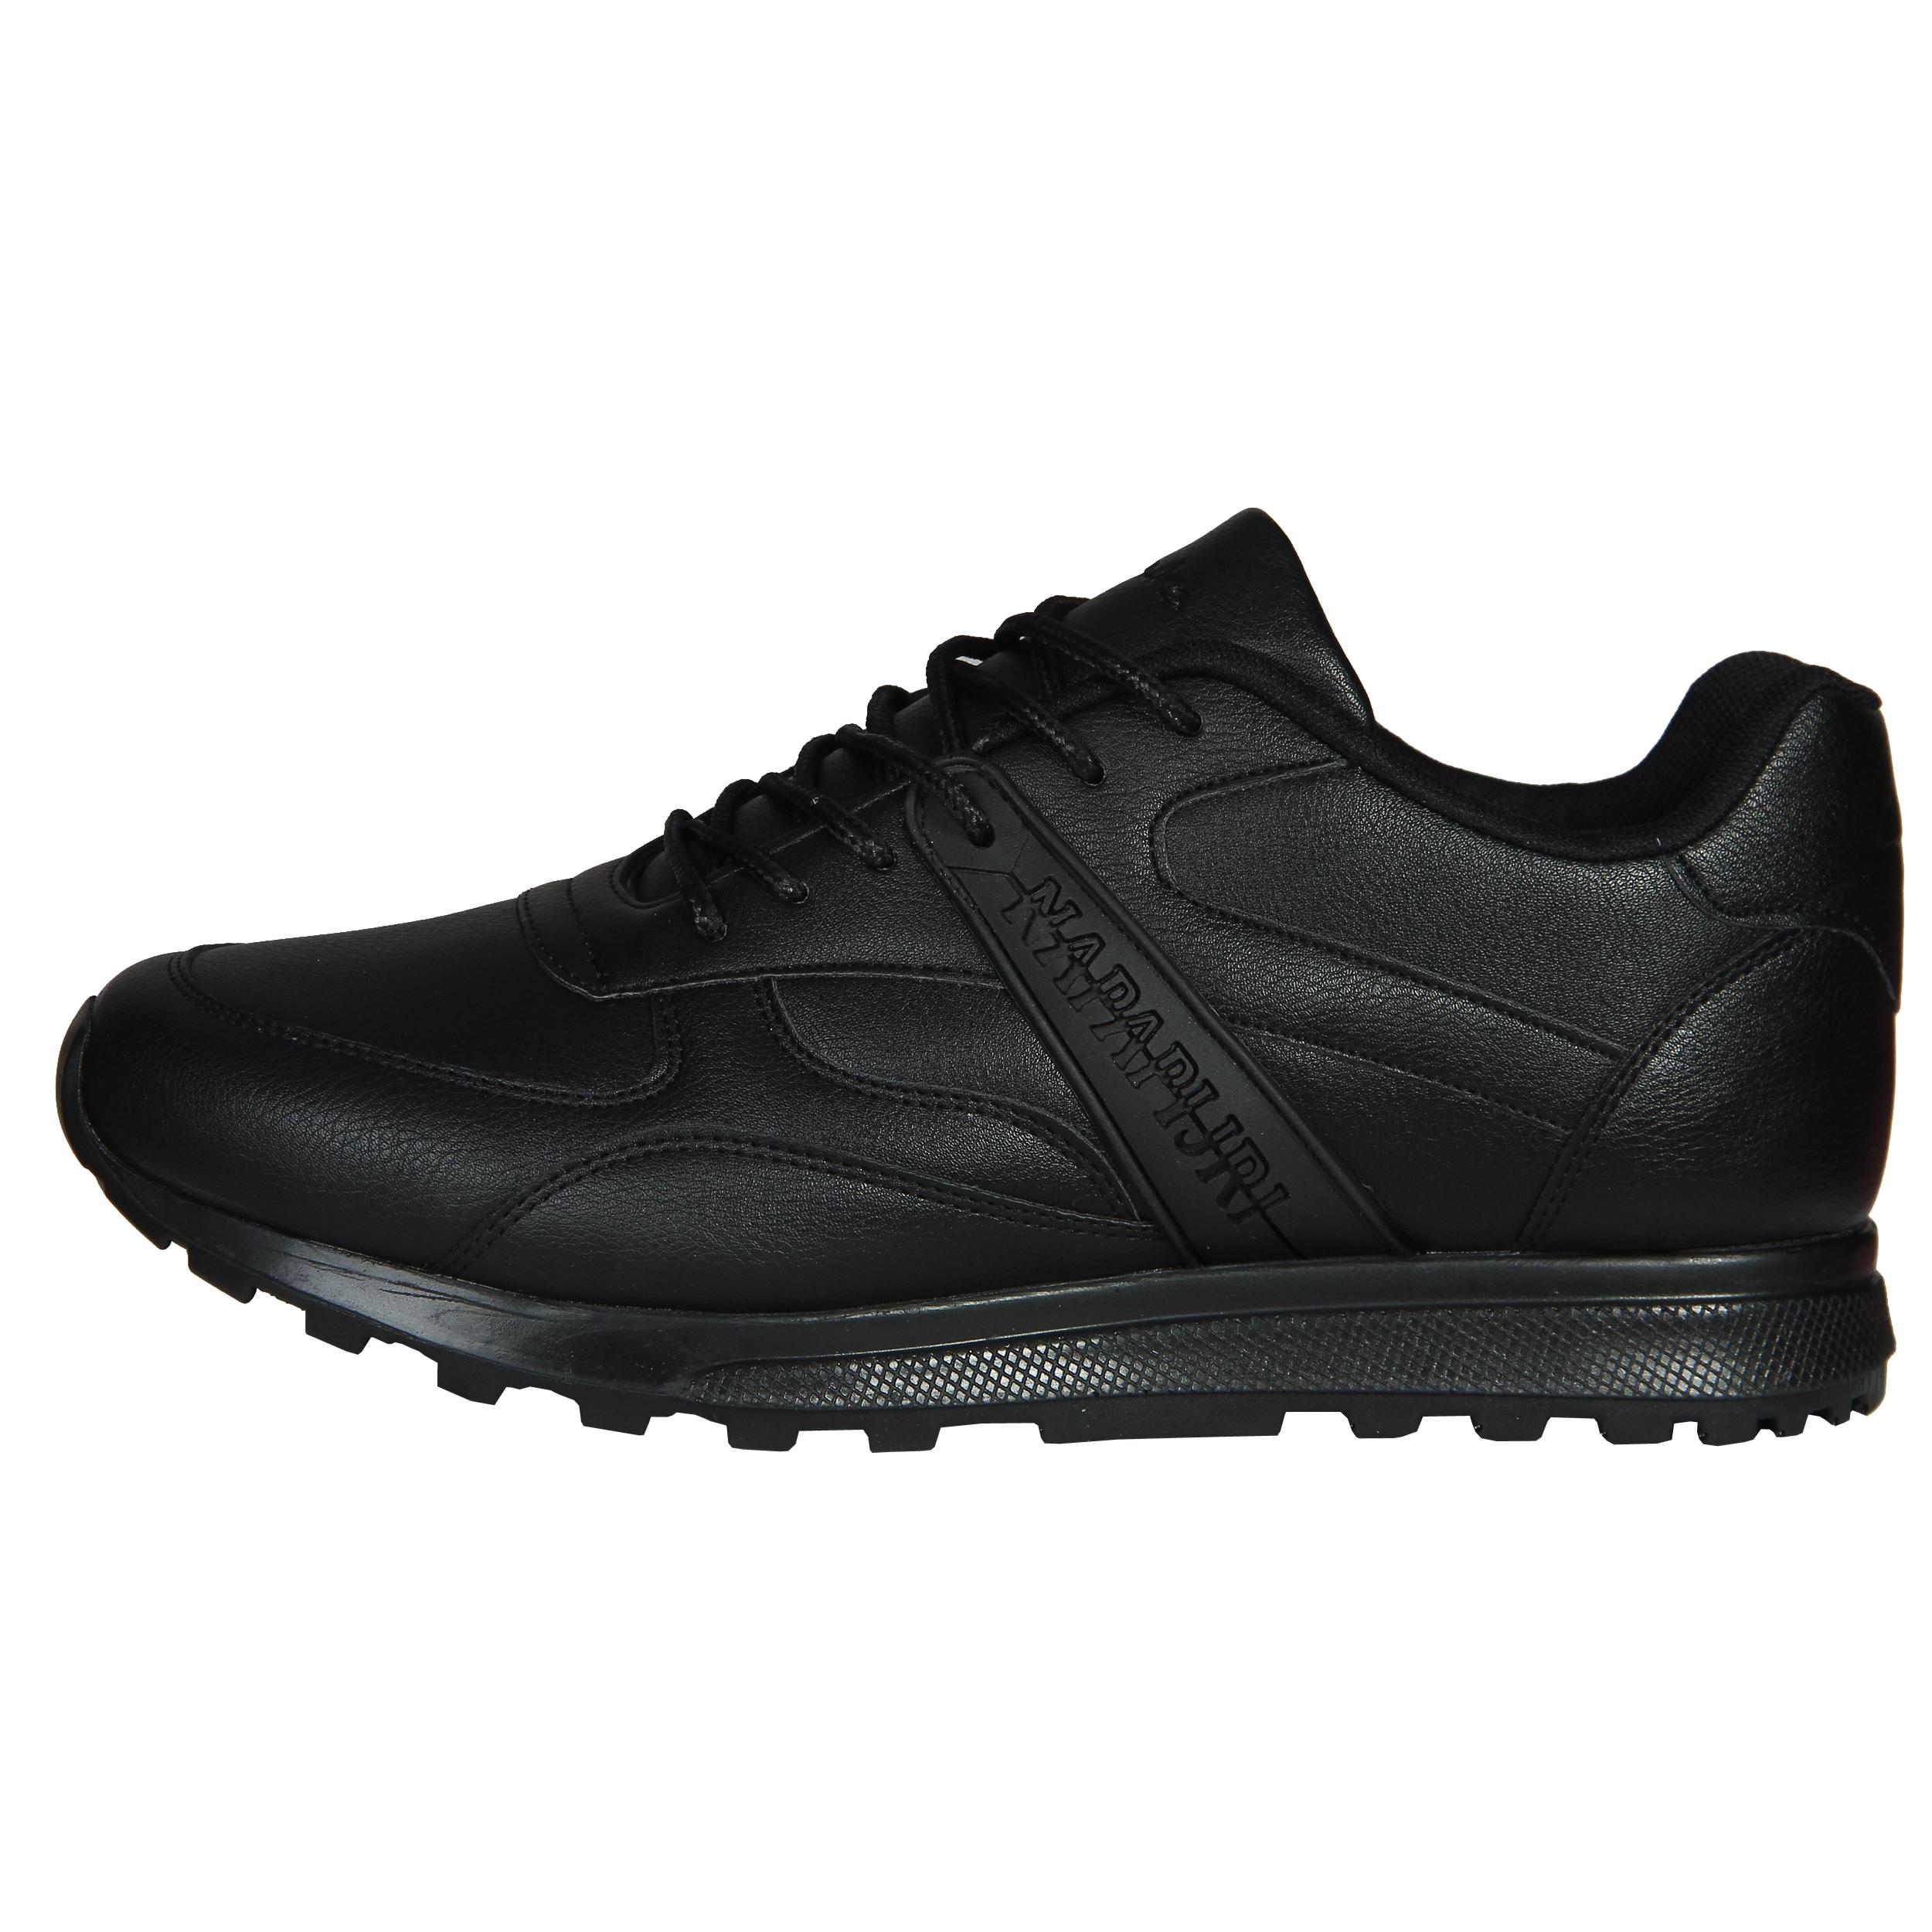 کفش پیاده روی مردانه مدل دلپا کد 606006